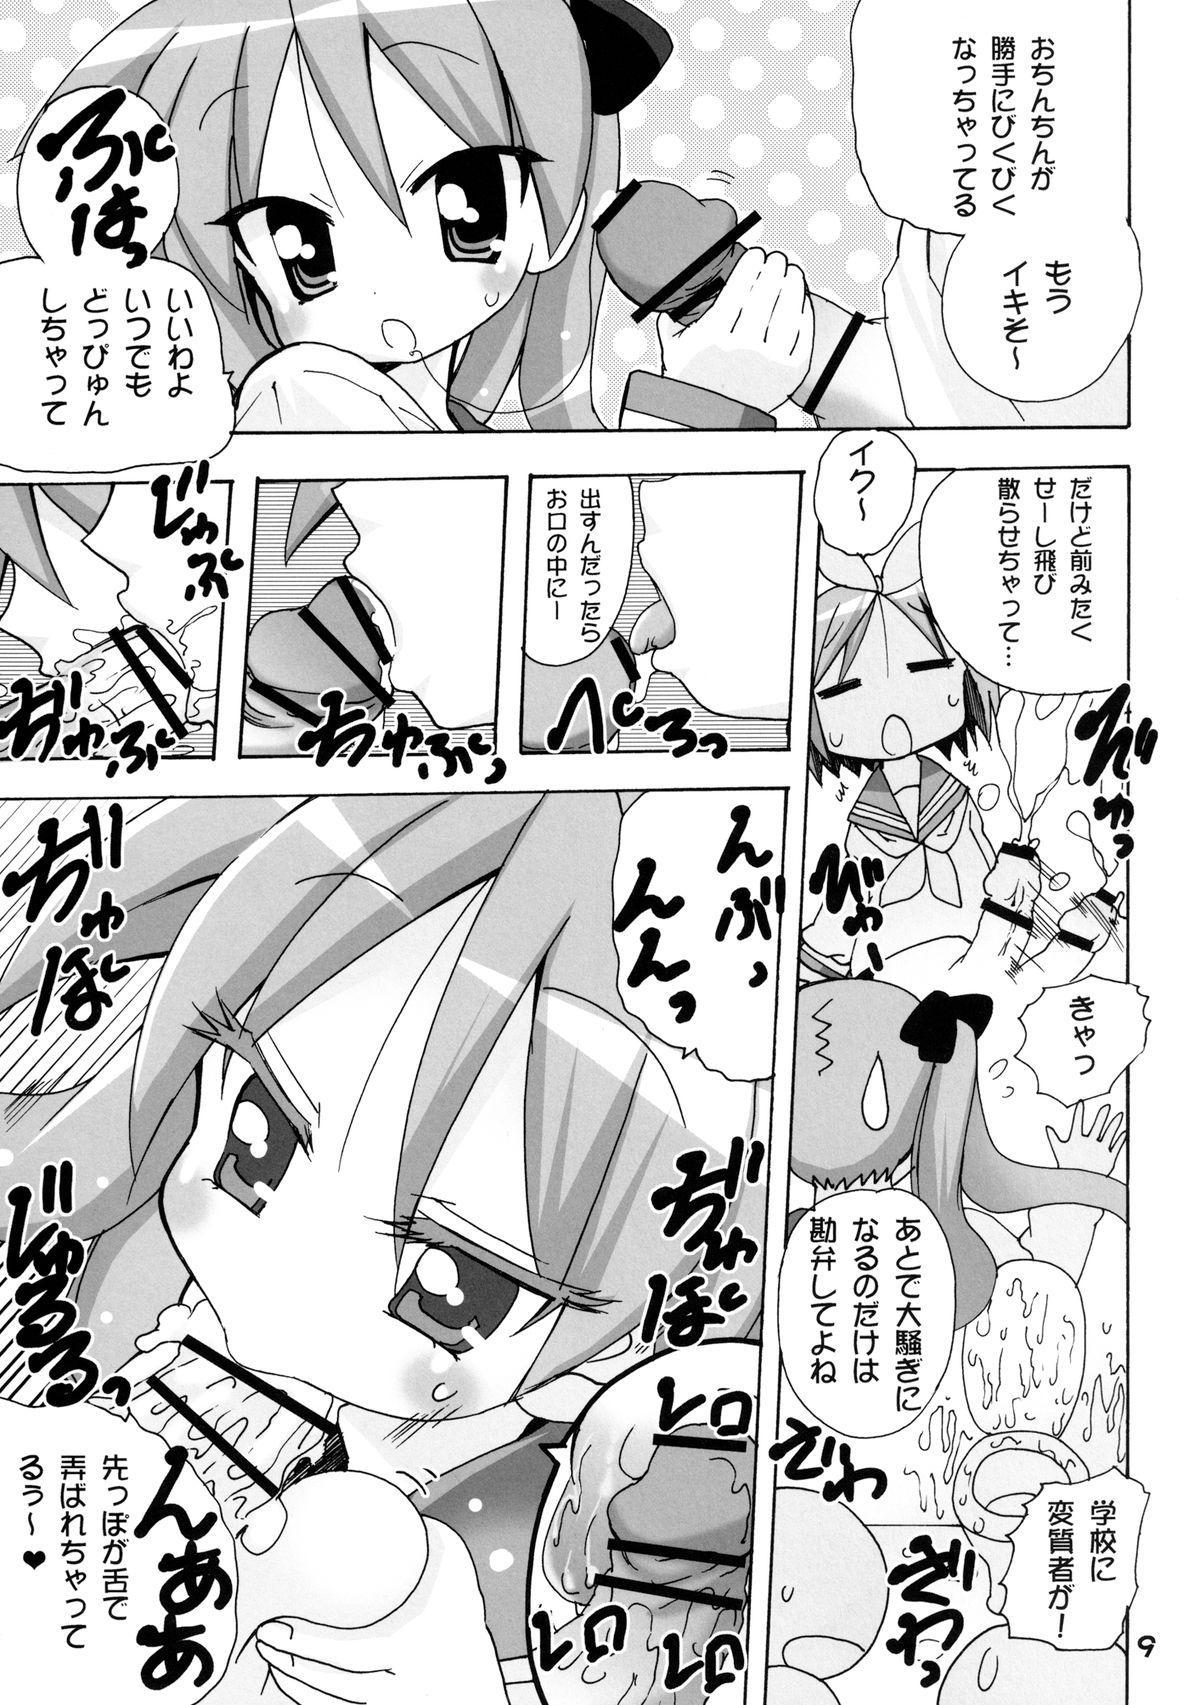 Kagamin no Moshimo Imouto ga Otokonoko Dattara 8